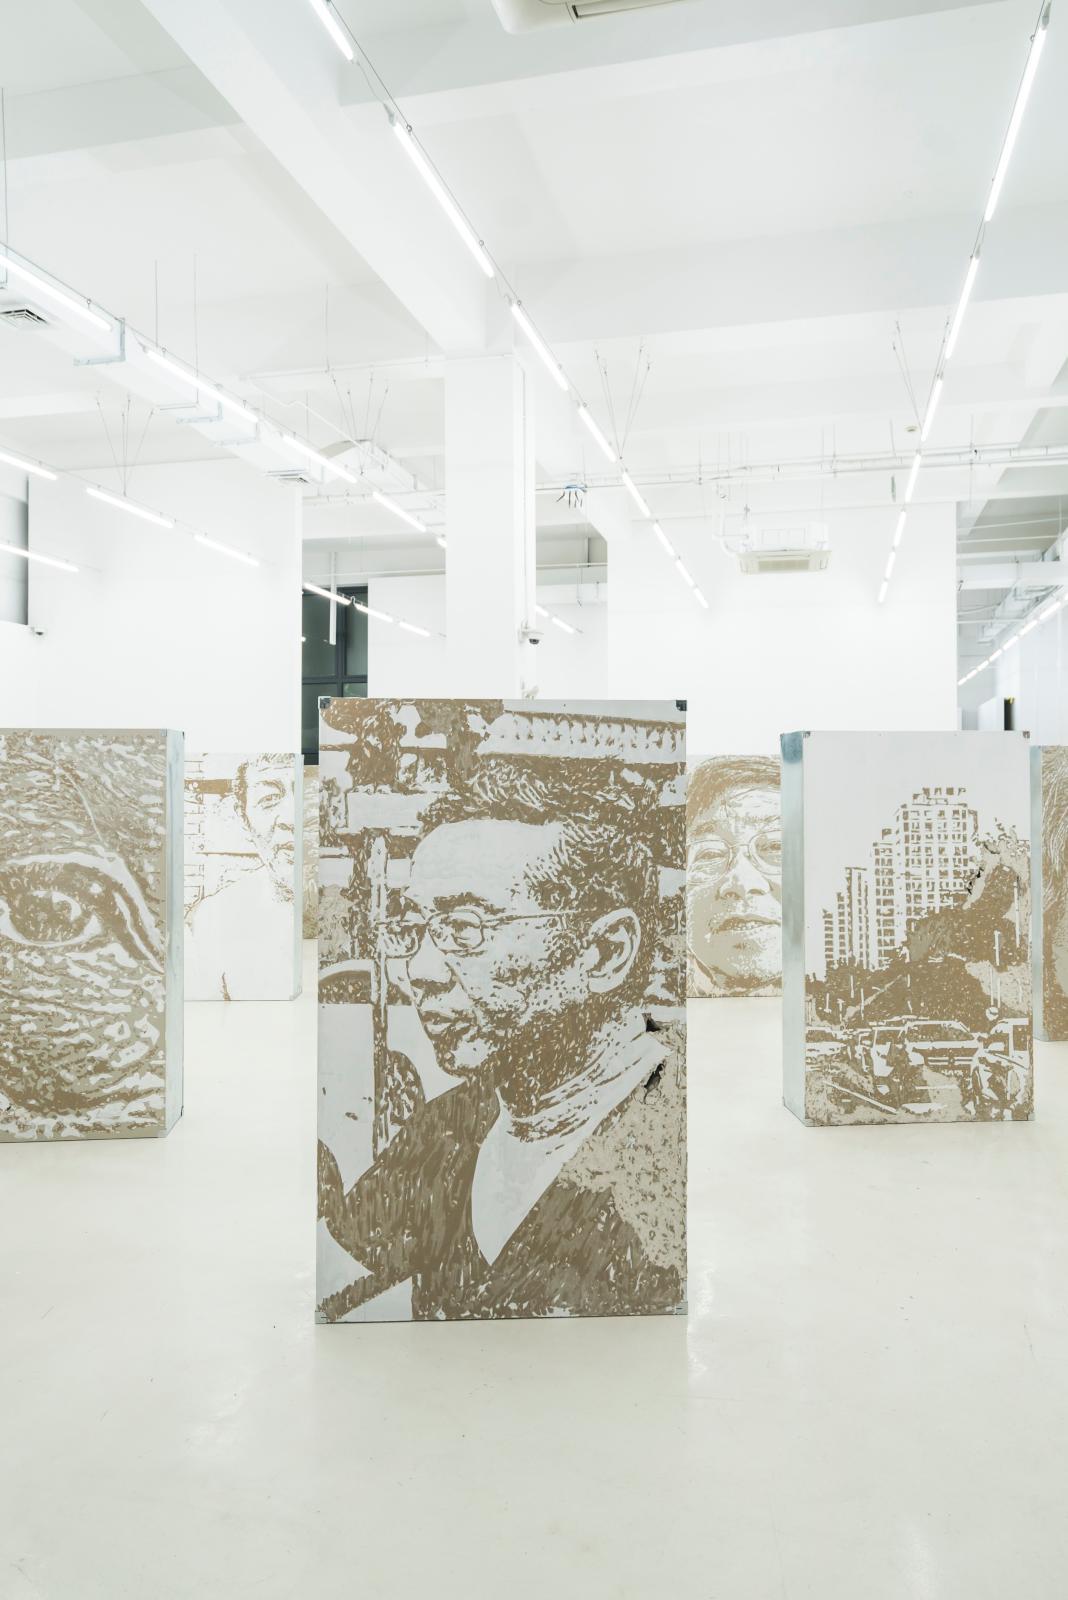 Exposition «Realm», œuvres de l'artiste portugais Vhils, à la galerie Danysz, Shanghai.